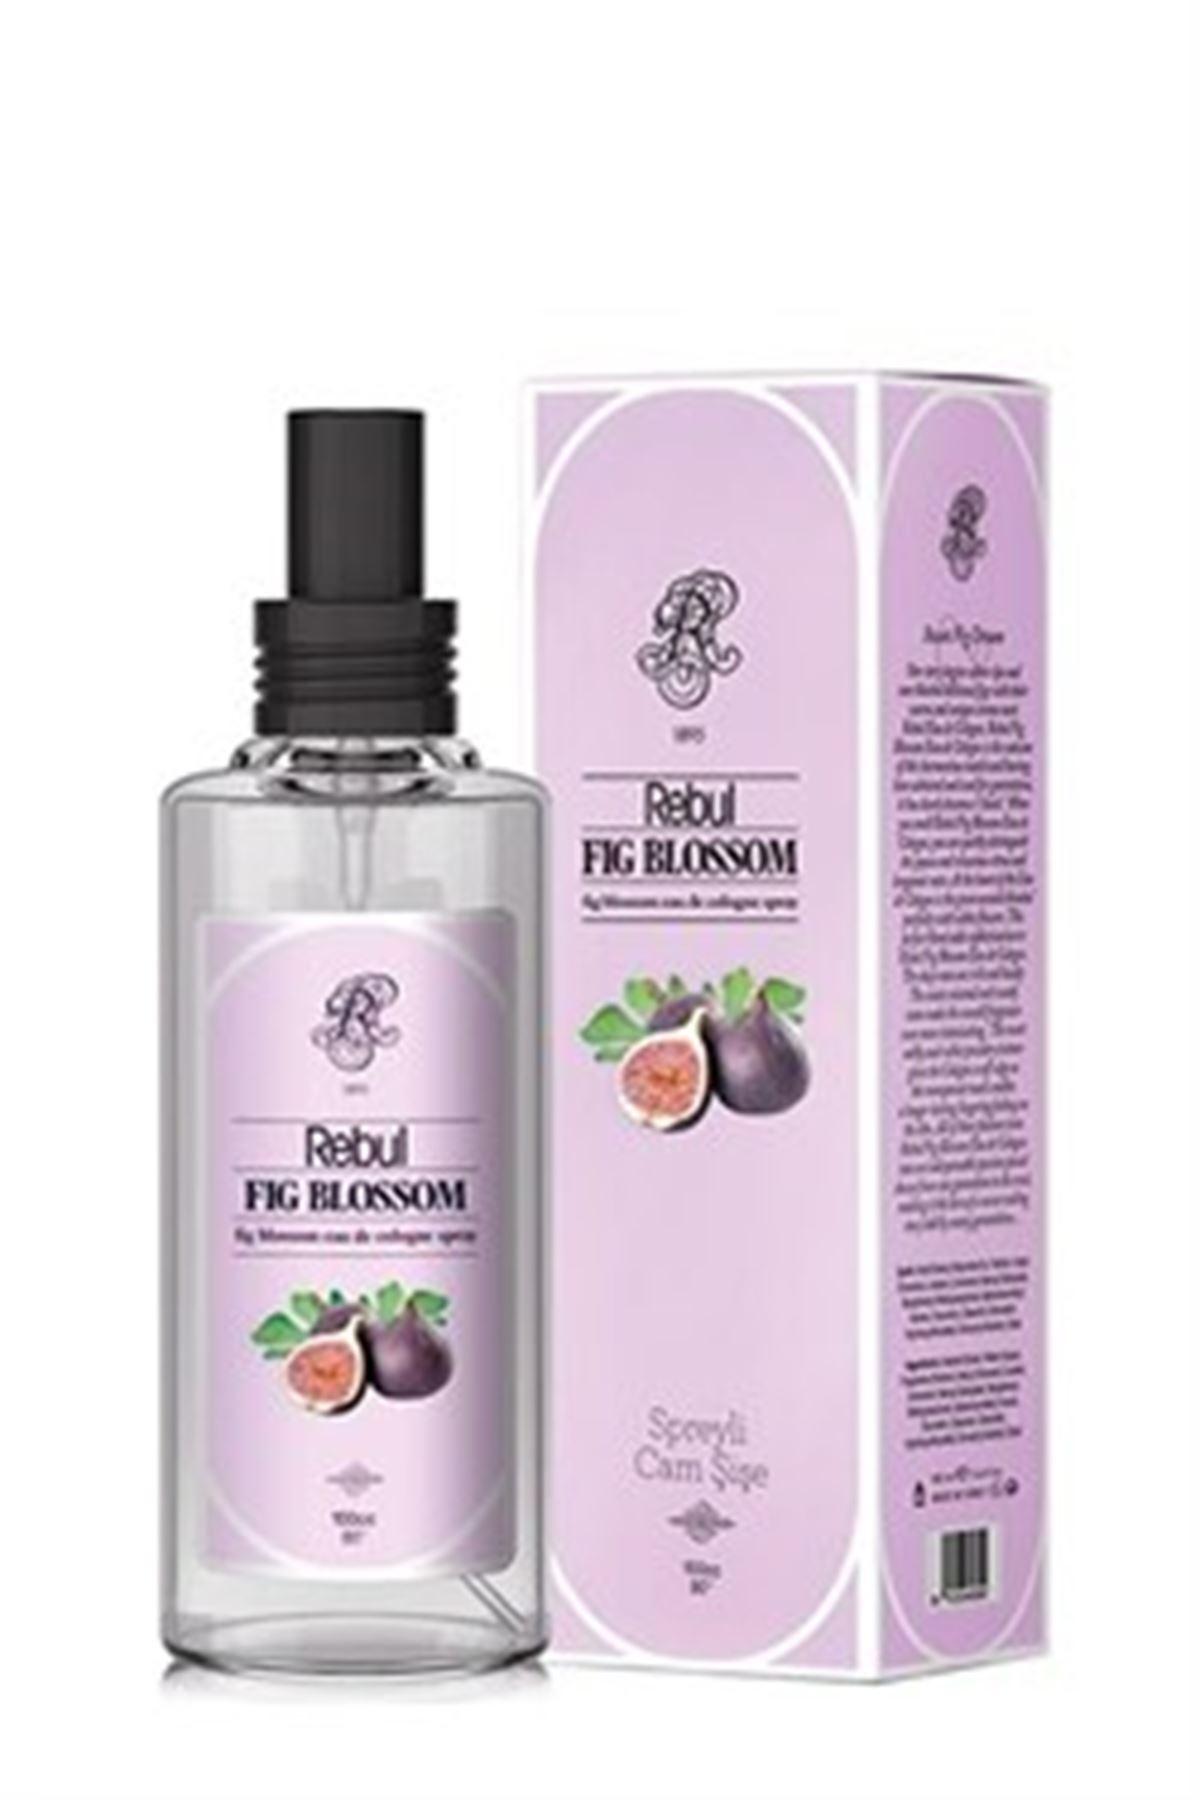 Rebul Fig Blossom 100 ML Sprey Cam Şişe